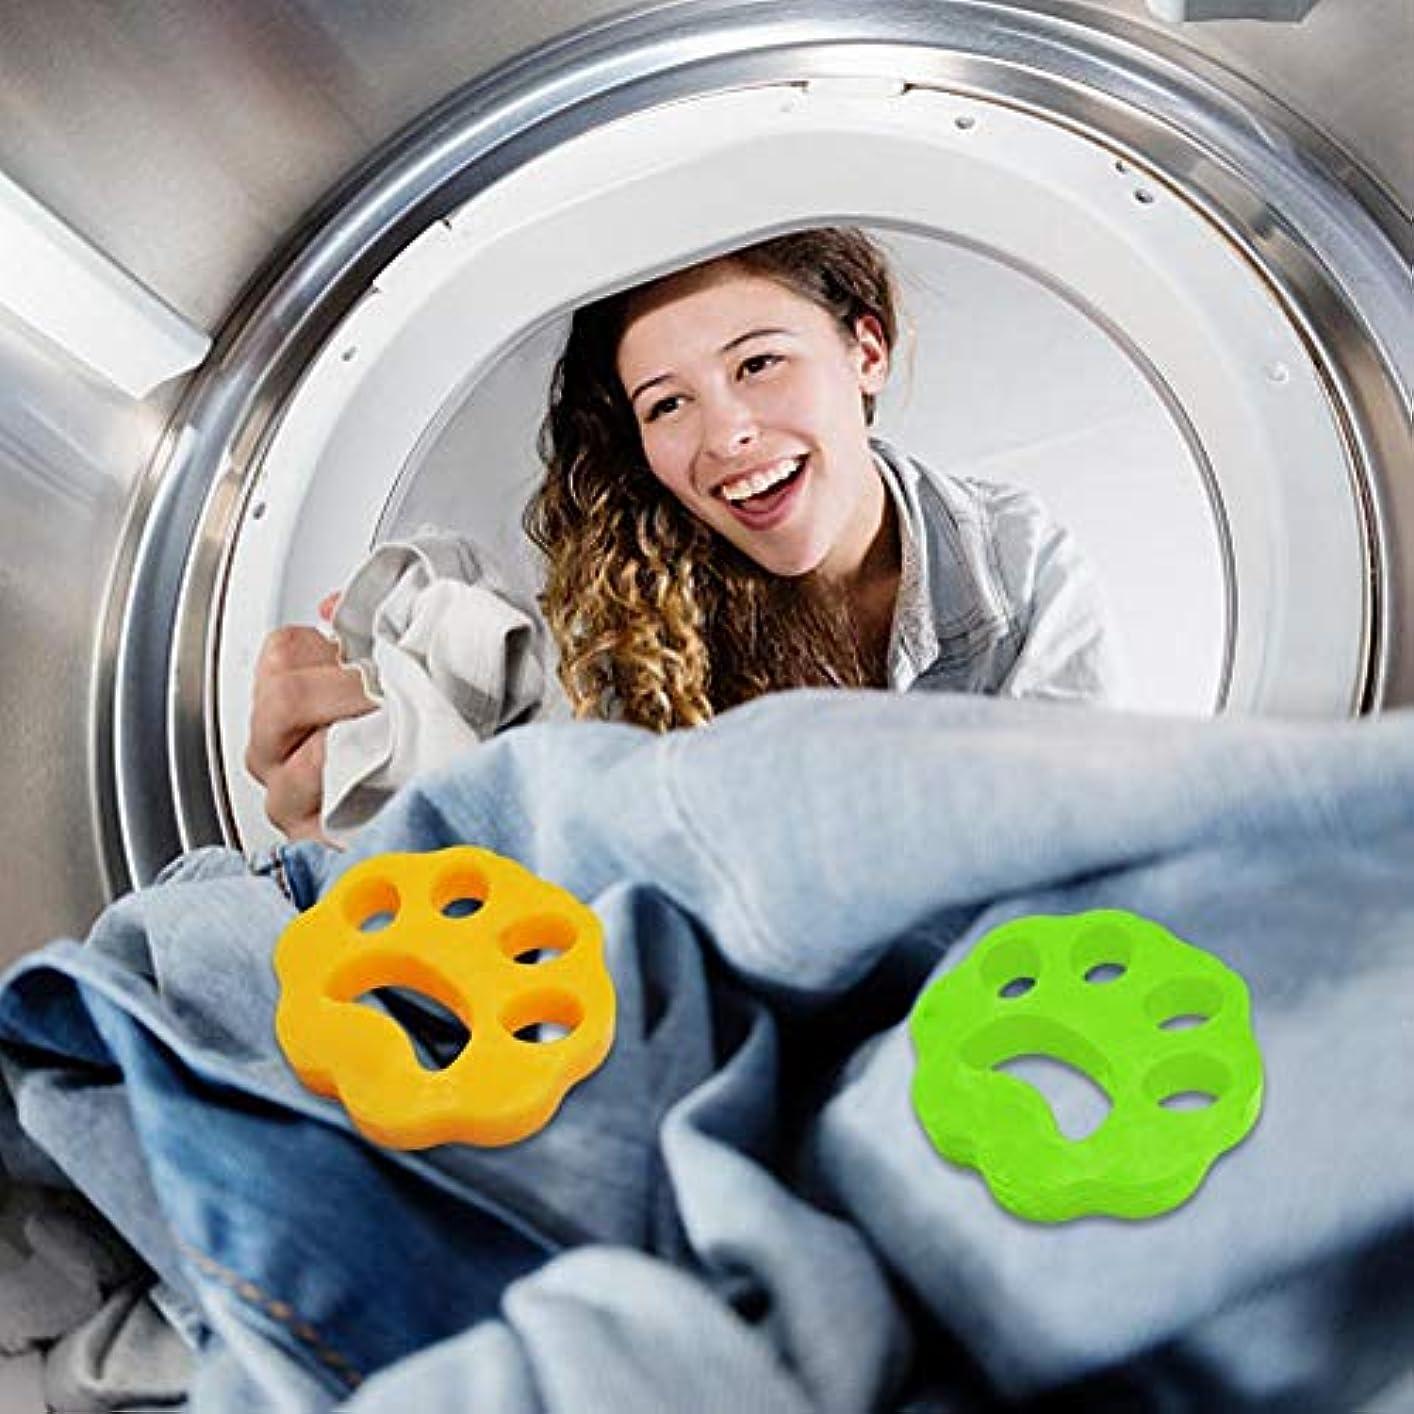 革命的海港機械的に明安2ピースクリーニングボール洗濯機脱毛装置ペット理髪服脱毛器ドライヤーペット脱毛パッド再利用可能